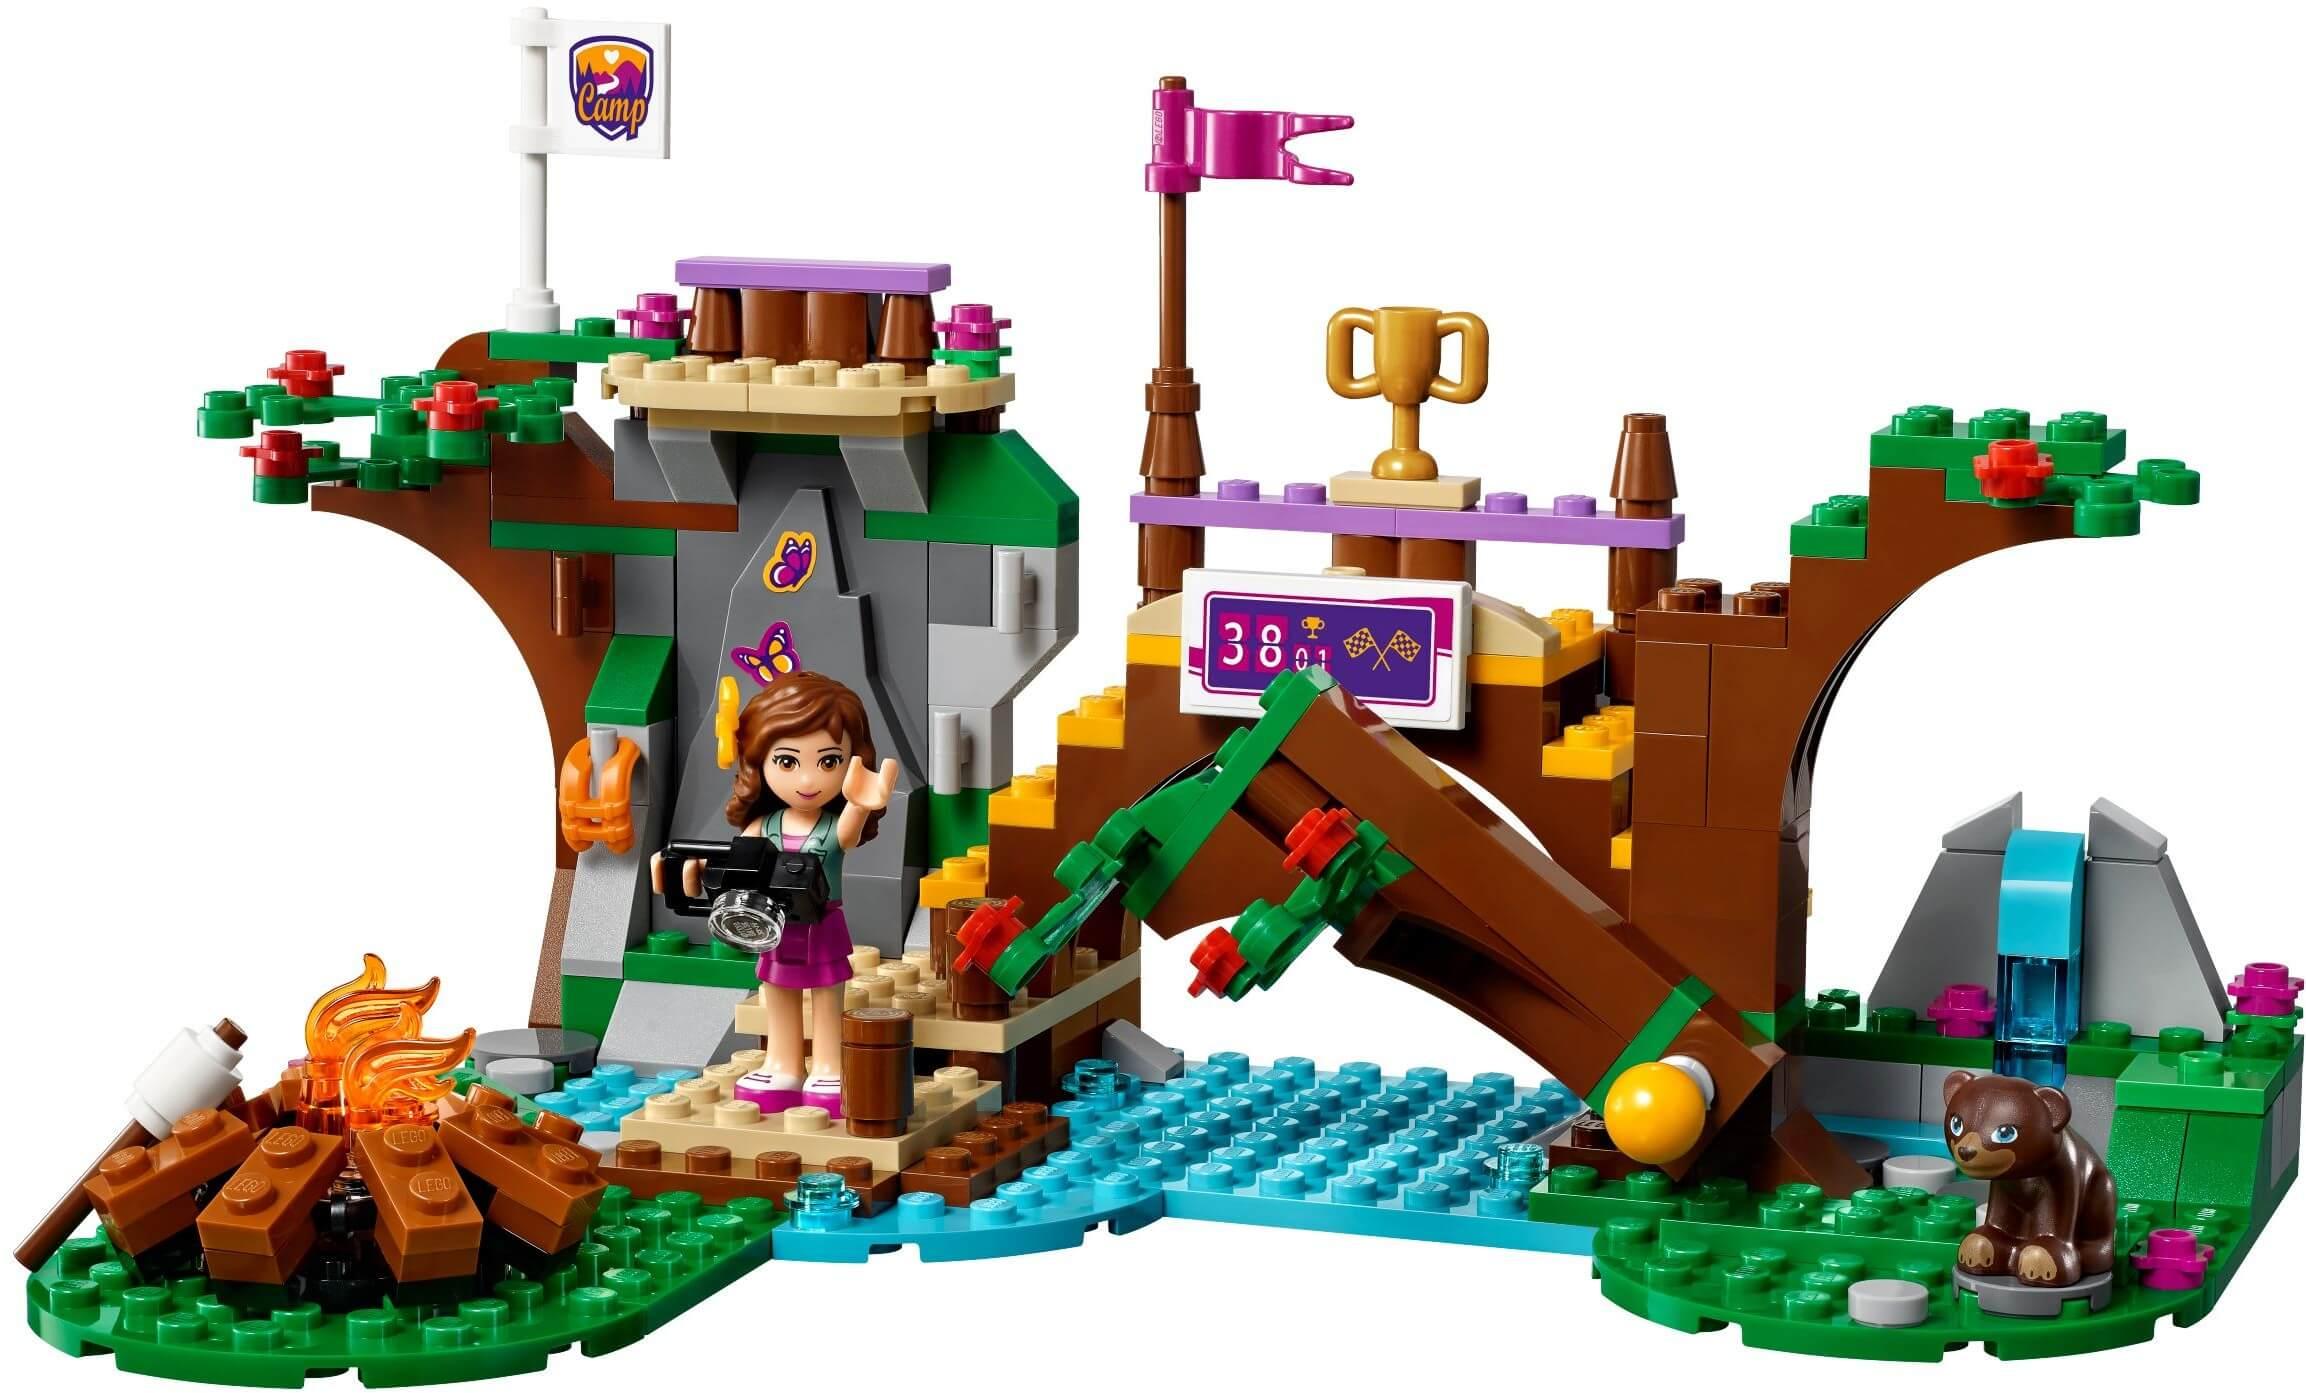 Mua đồ chơi LEGO 41121 - LEGO Friends 41121 - Hội Trại chèo Thuyền (LEGO Friends Adventure Camp Rafting 41121)